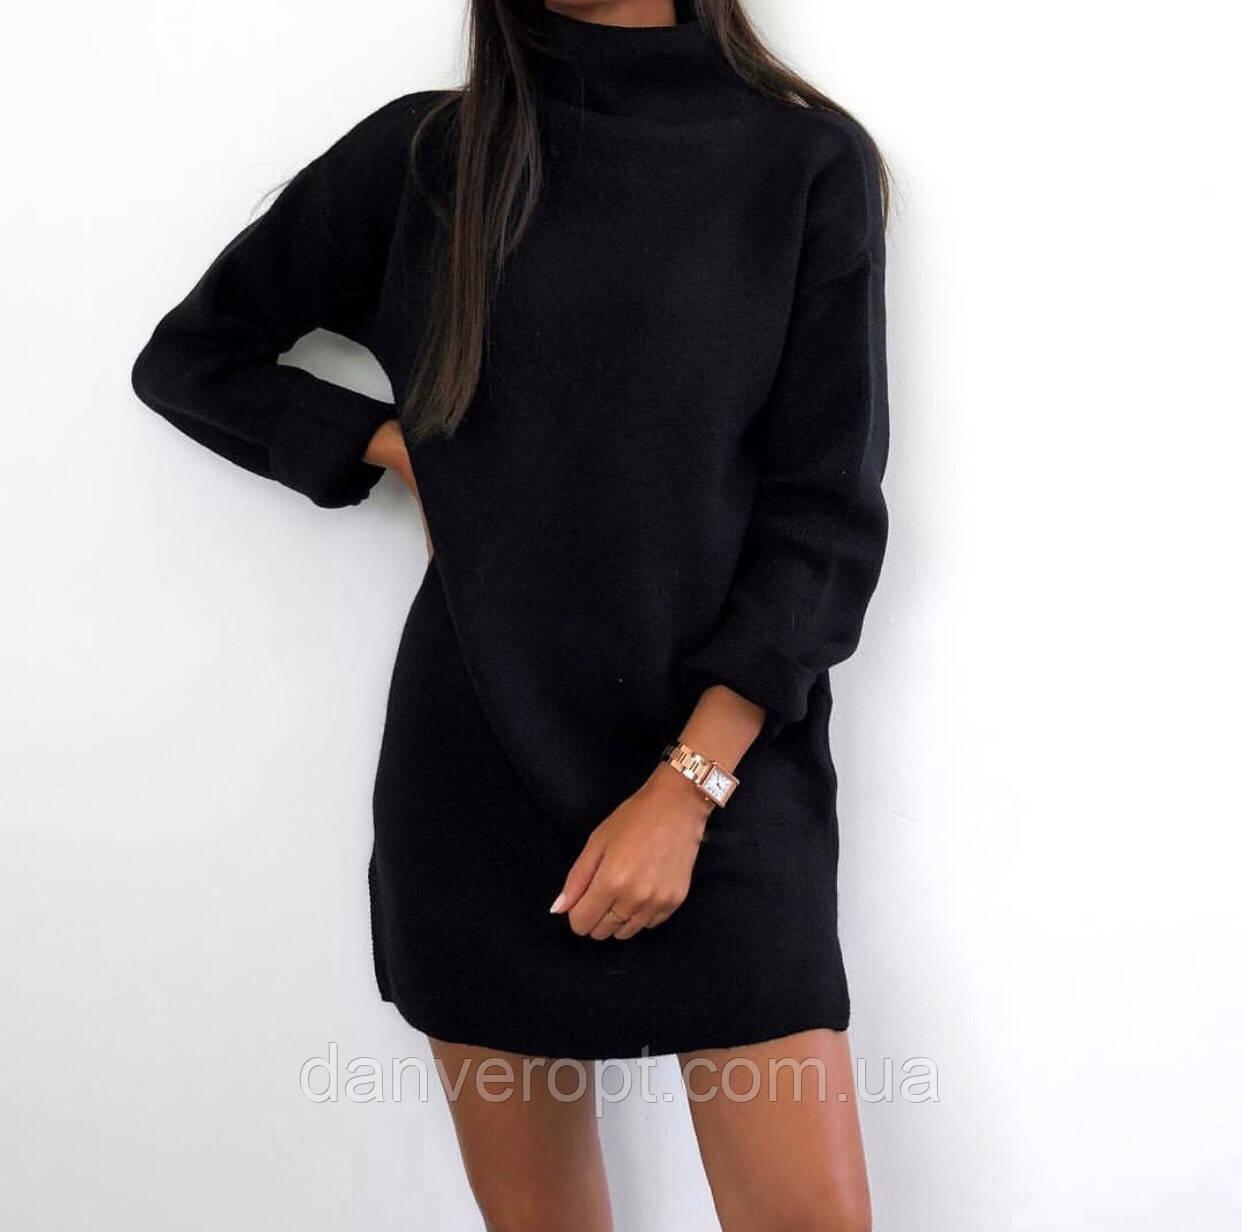 Платье женское стильное модное размер универсальный 42-46 купить оптом со склада 7км Одесса